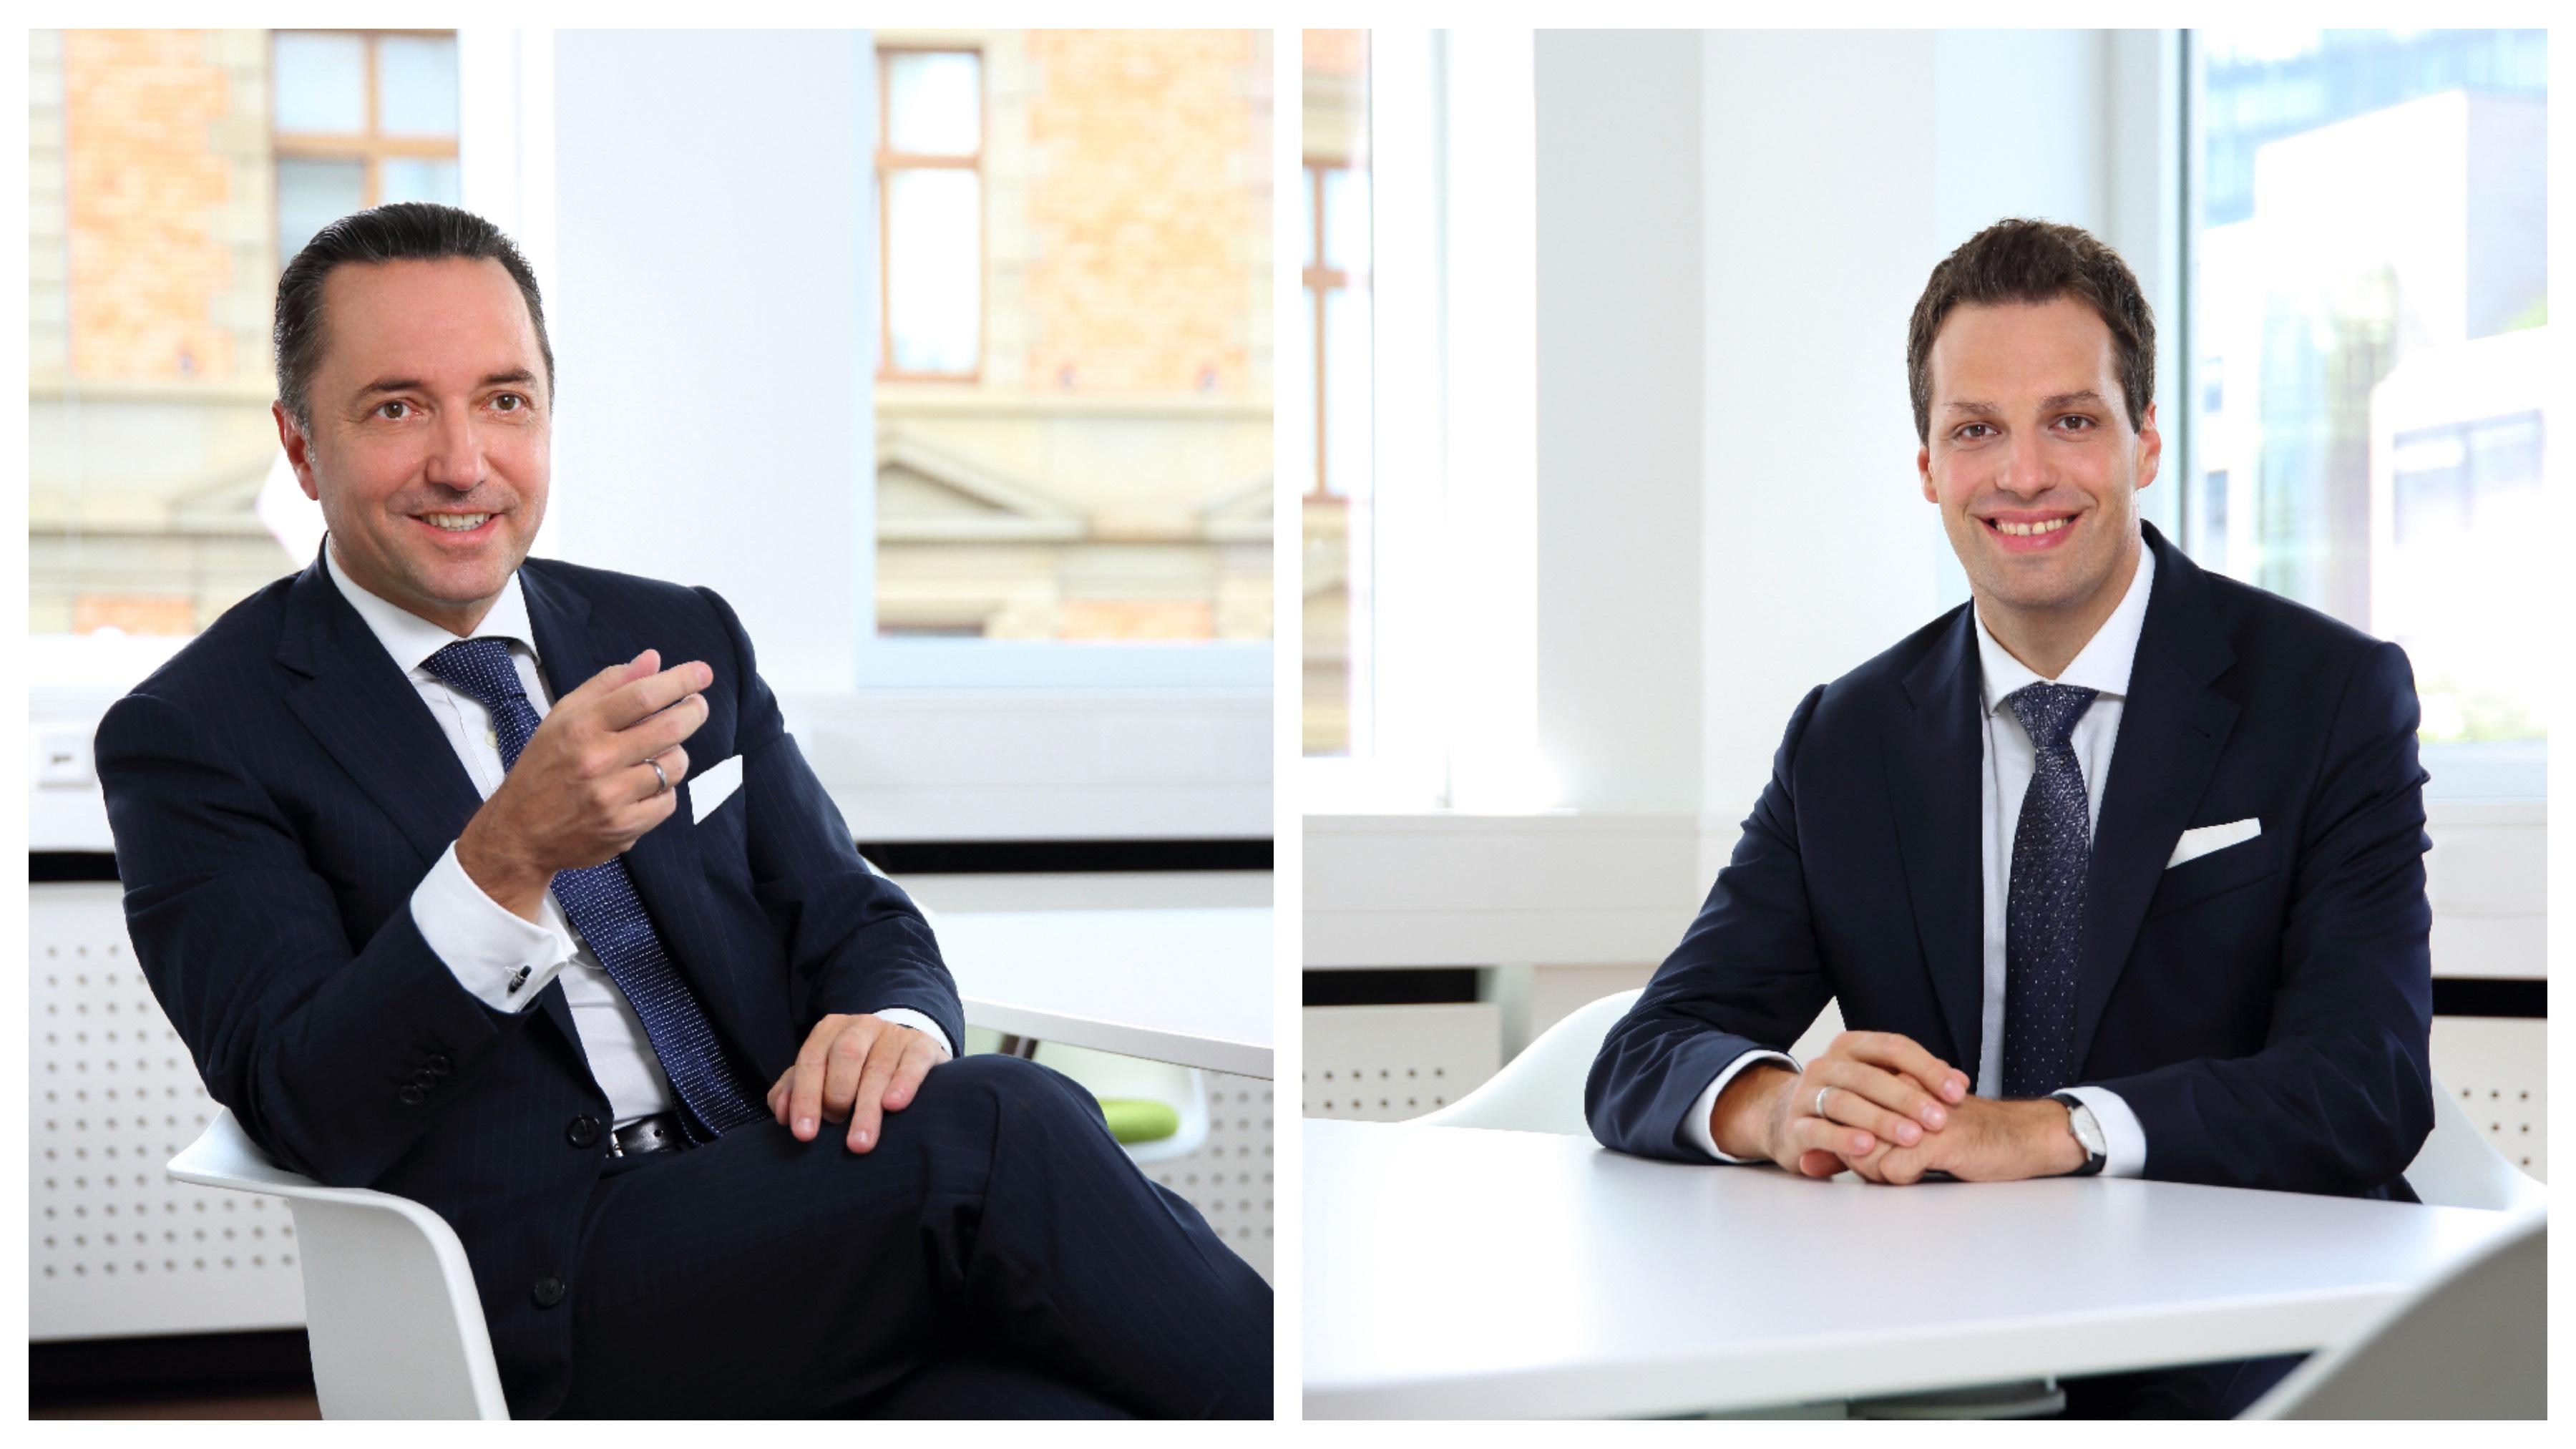 Unsere Expertise ist gefragt: Zwei Vorträge im Oktober bei der Rechtsanwaltskammer Frankfurt und beim 2. CM-Forum in Ettlingen